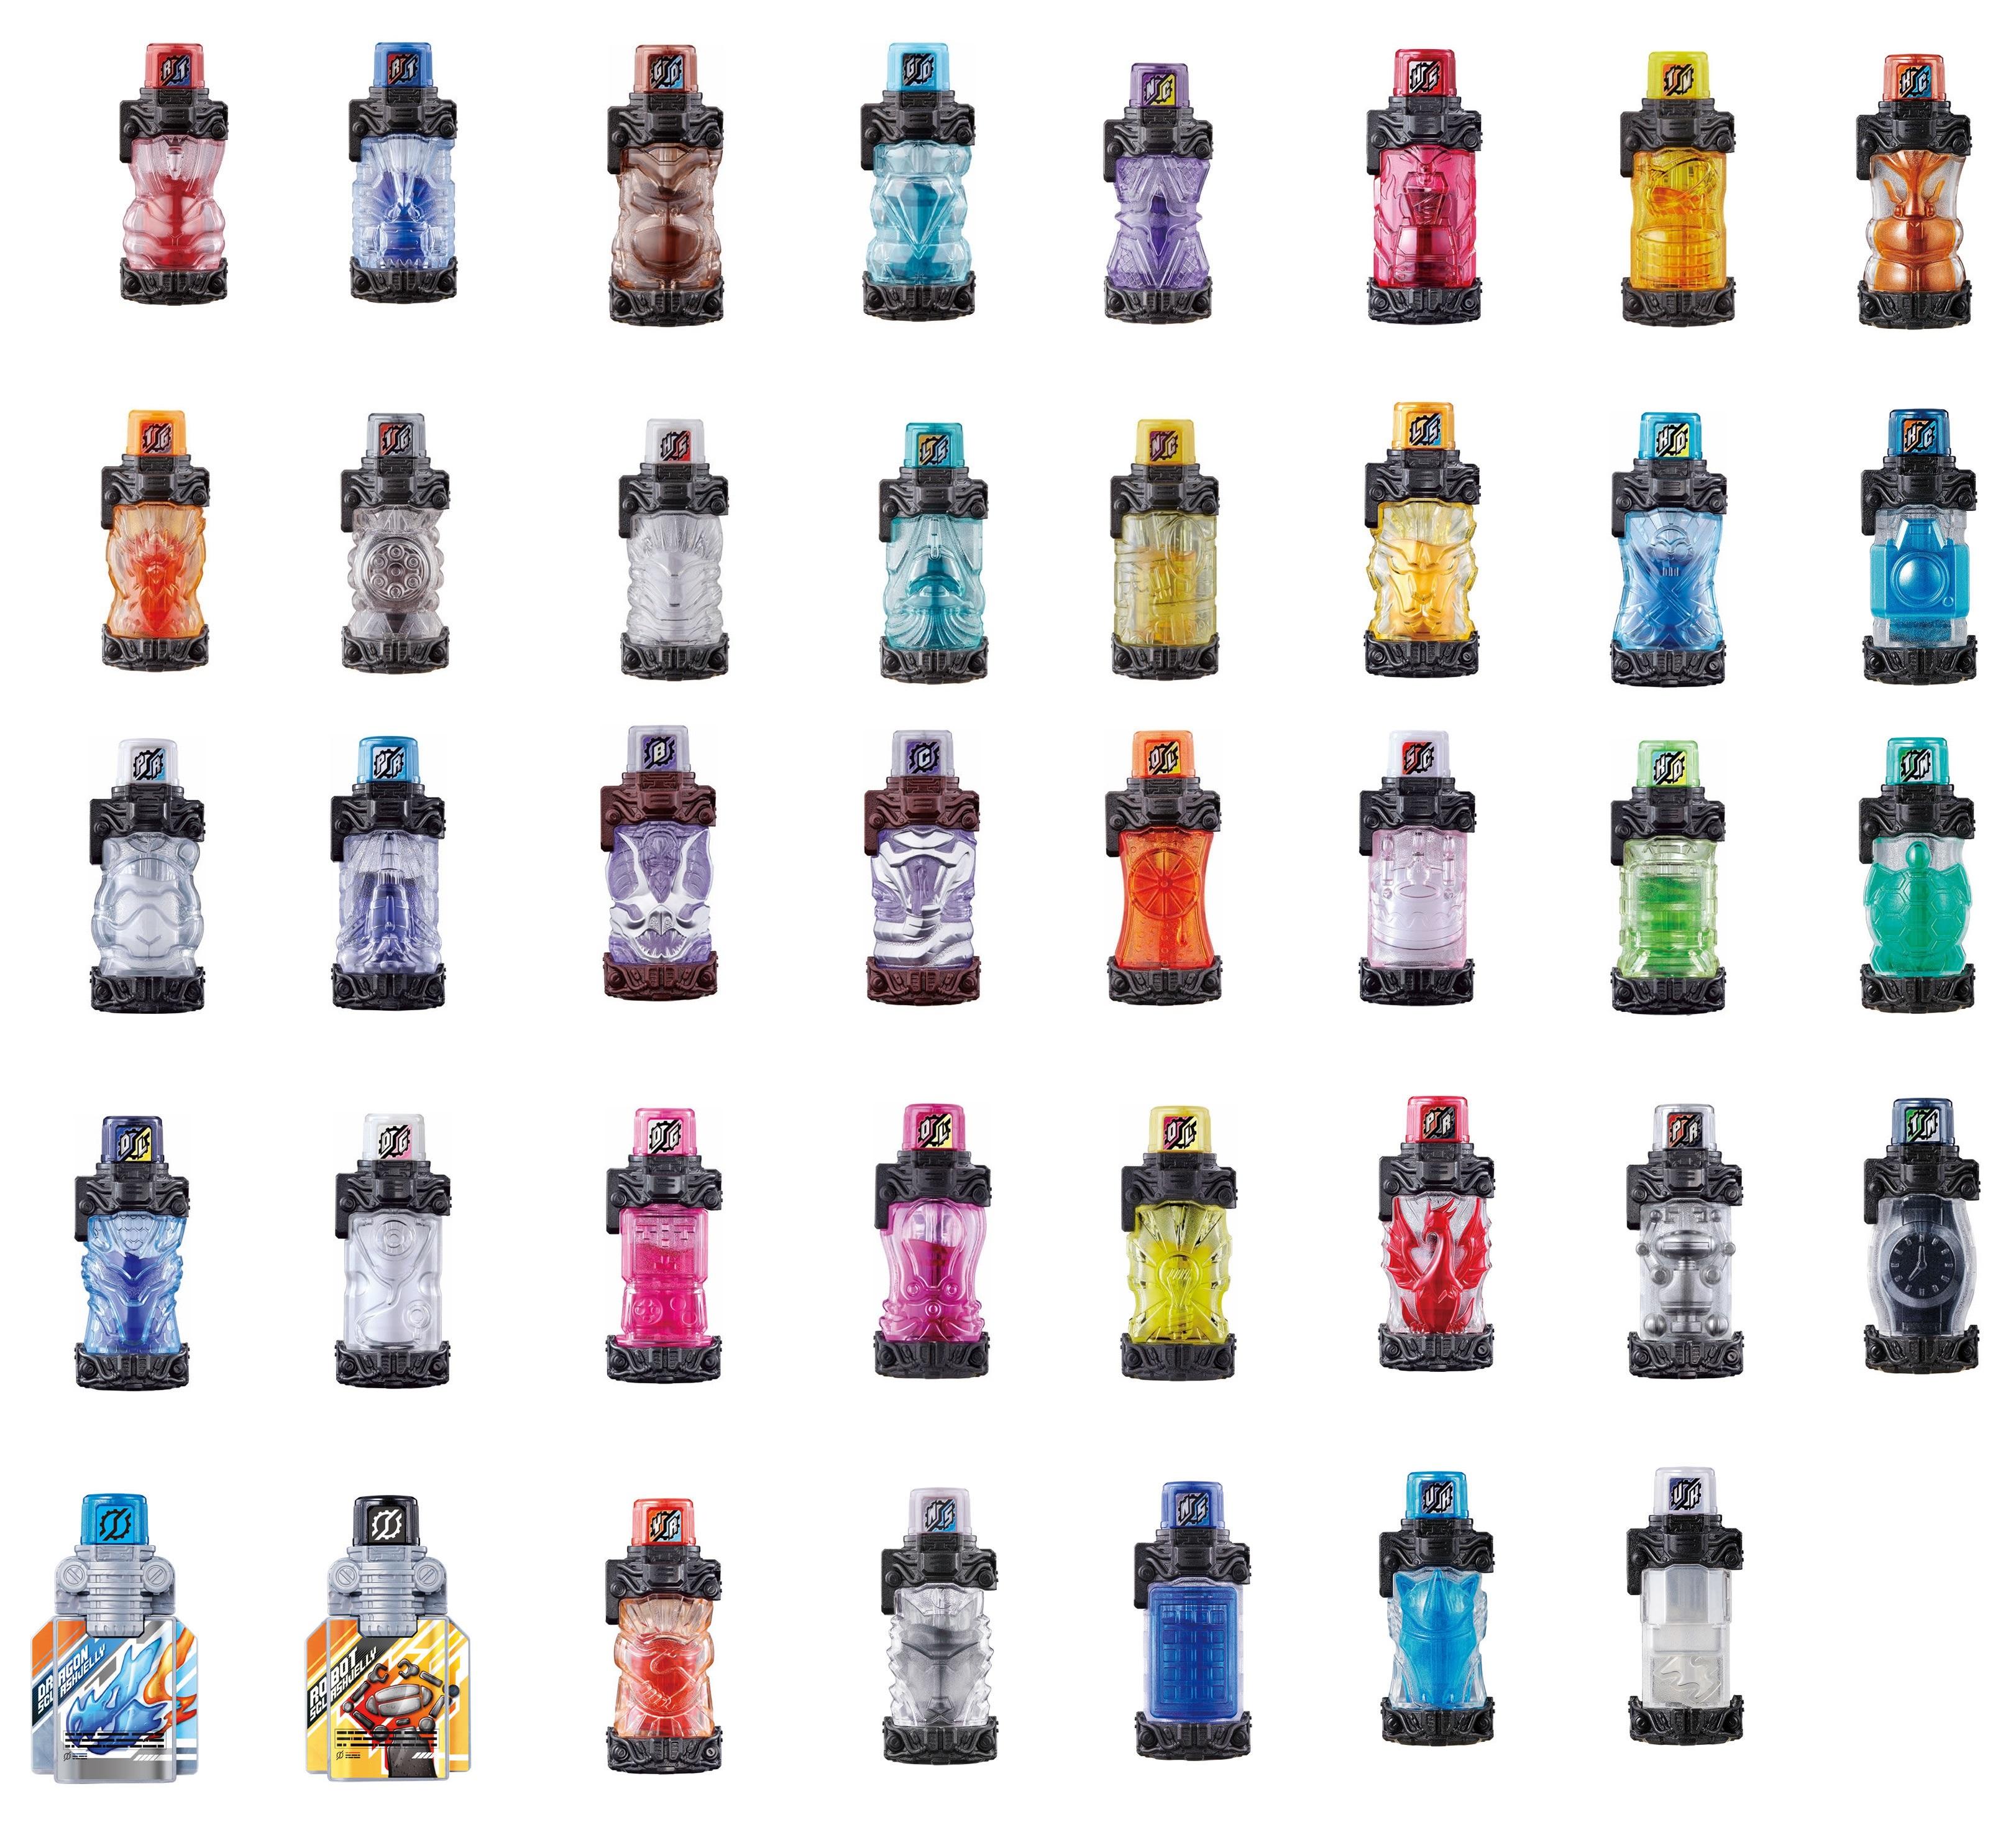 Kamen Rider Build Full GP Bottle Drink кролик Tank Snake Ninja Phoenix Jelly Bottle Full Capsule Toys